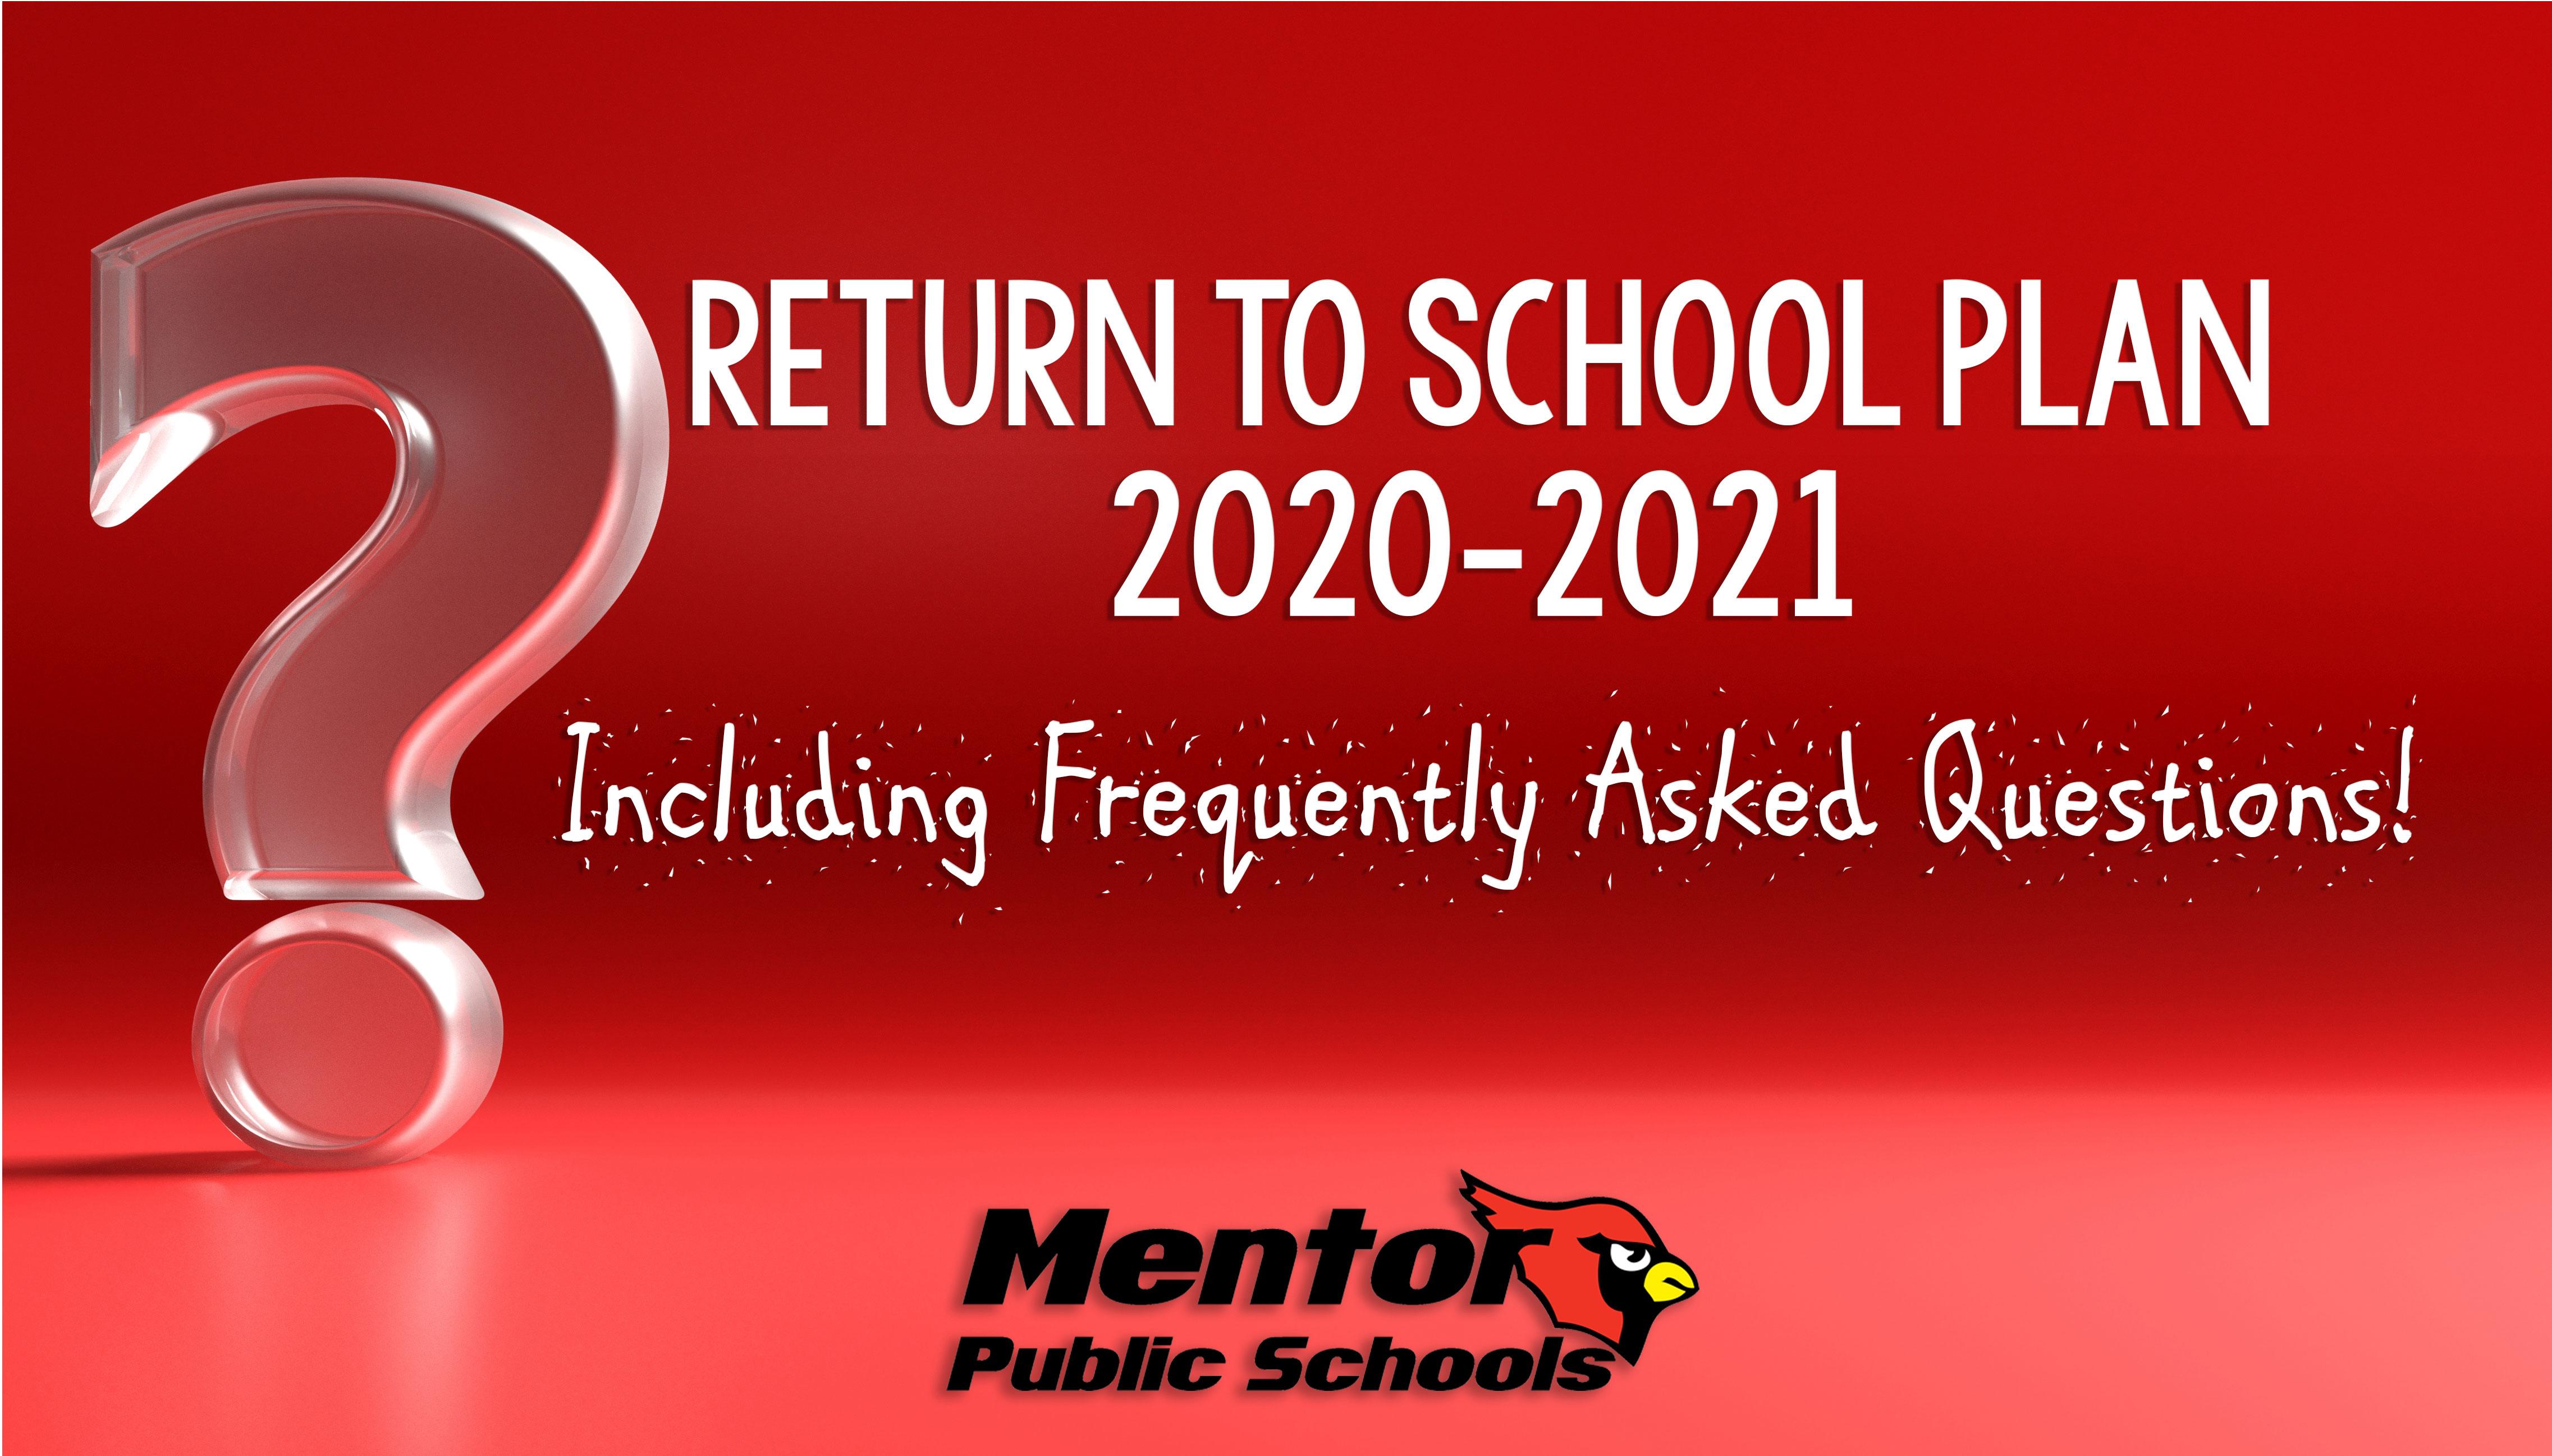 Mentor Public Schools